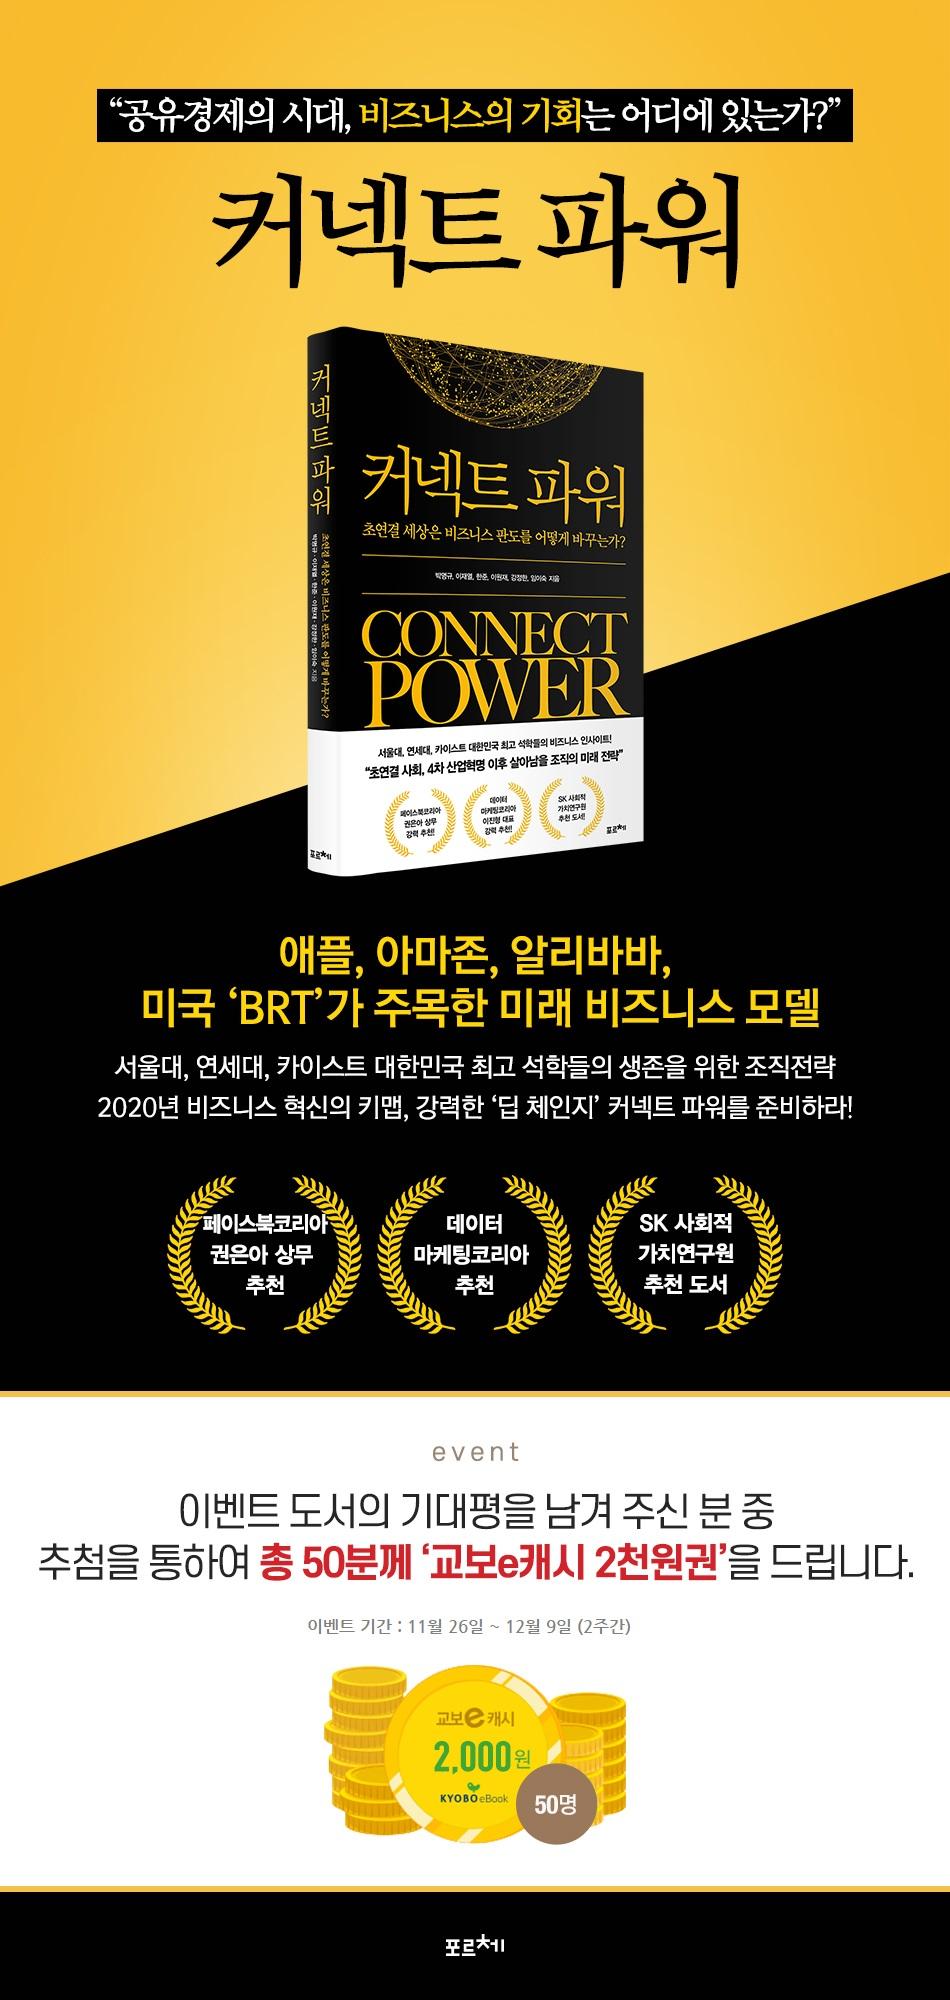 [단독] <커넥트 파워> 선출간! 기대평 e캐시